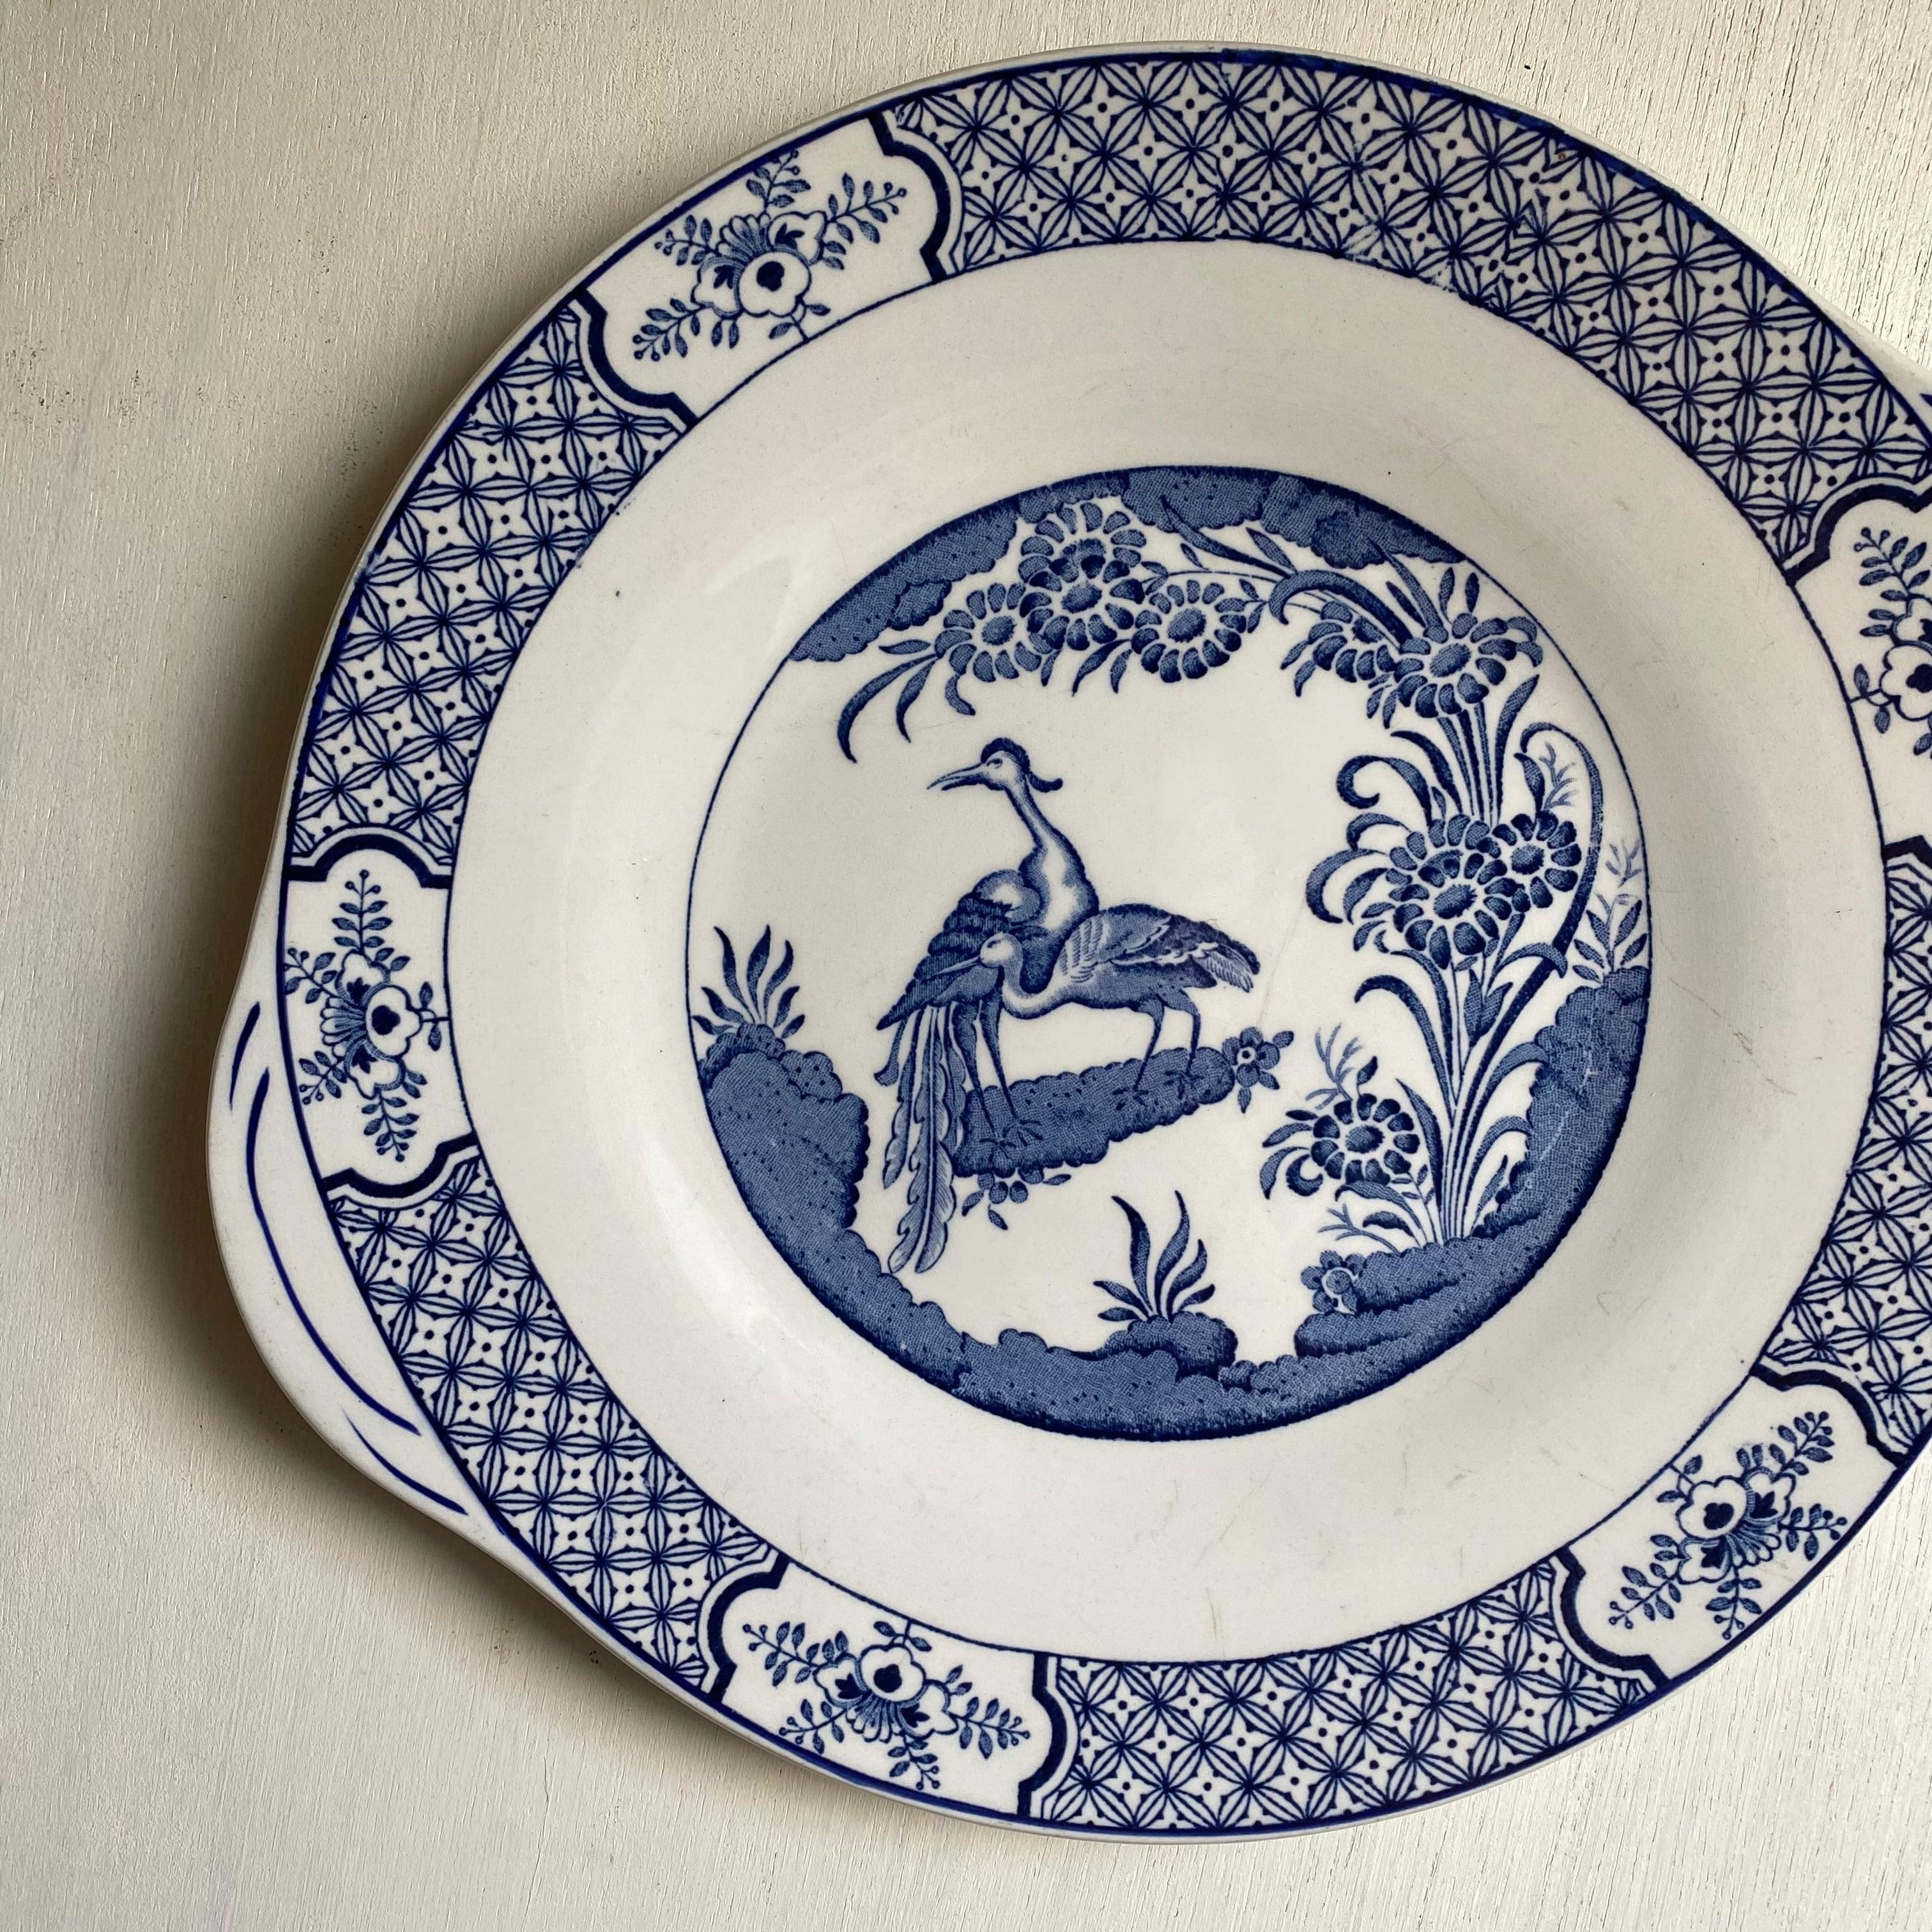 鳥と花のオリエンタルなサンドイッチ皿